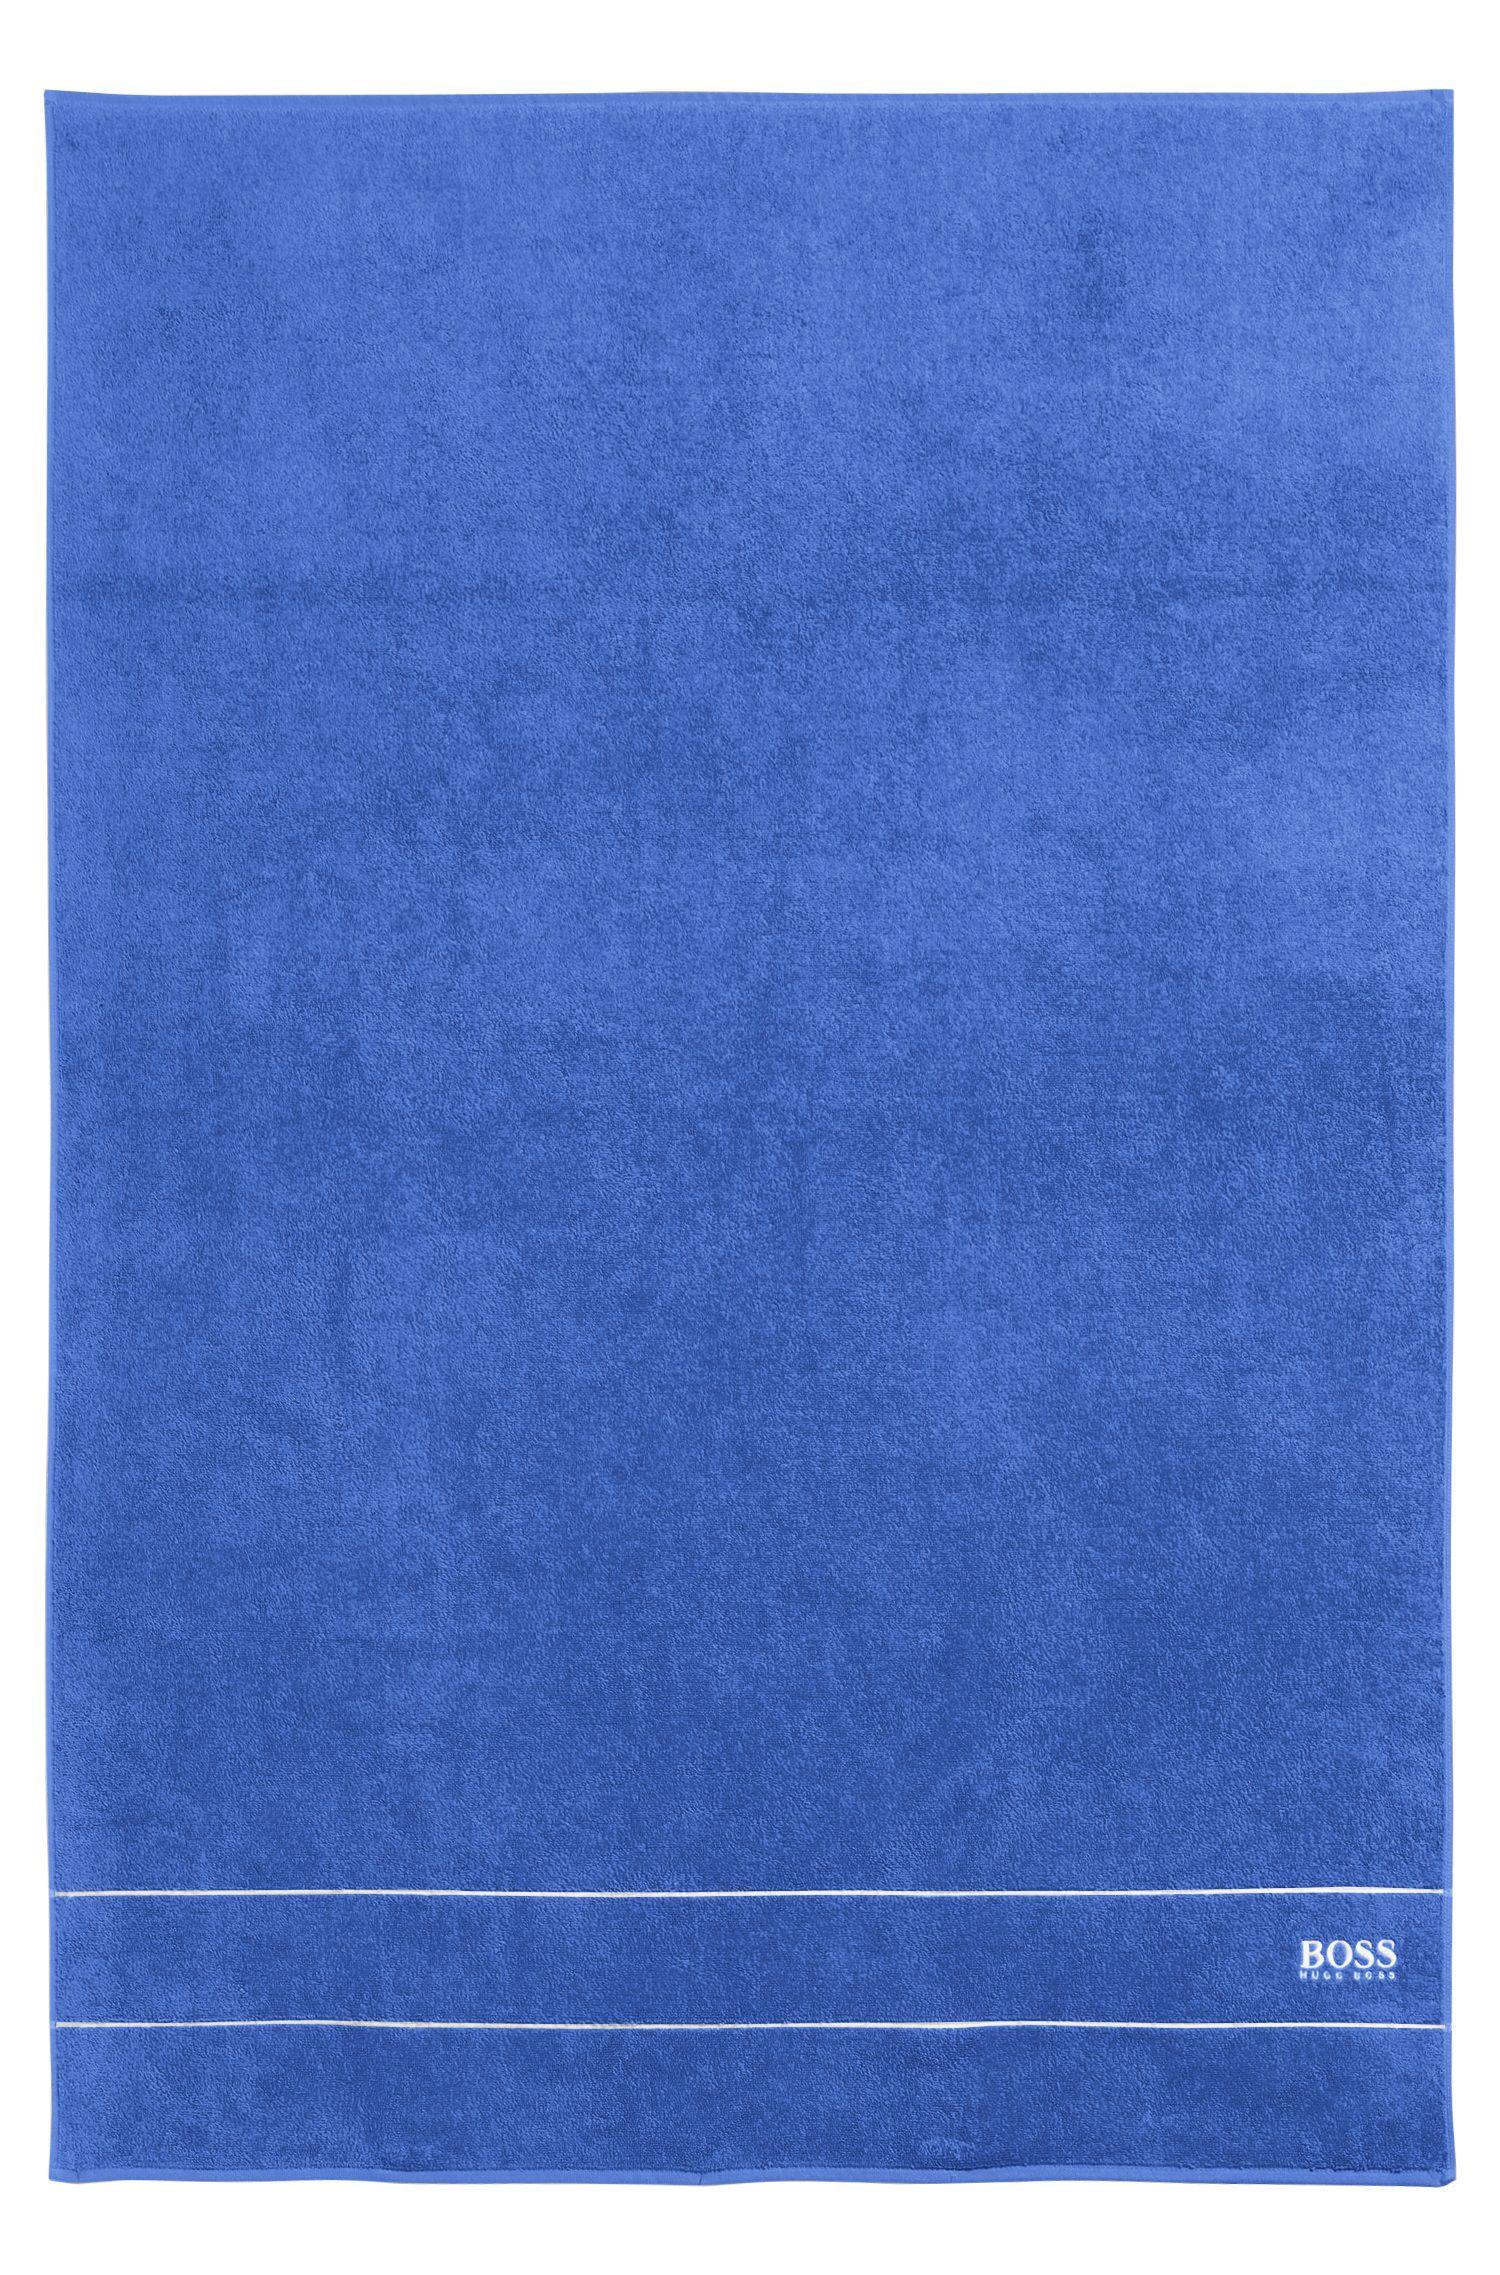 Badhanddoek 'PLAIN' met logo in contrastkleur